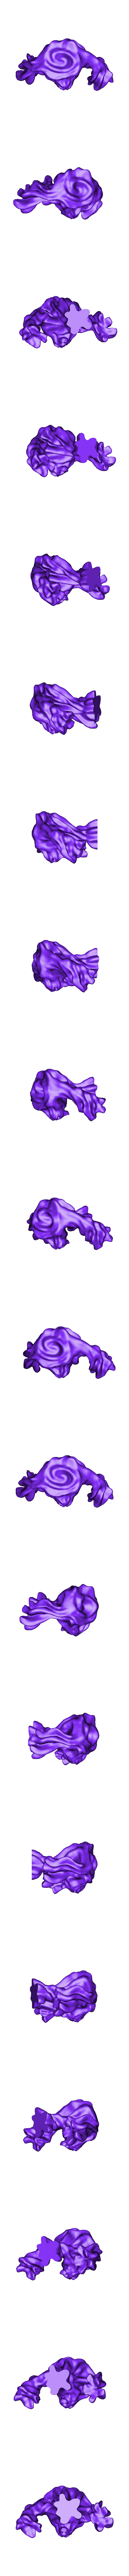 Air_elemental.stl Télécharger fichier STL gratuit Air Elemental Miniature • Modèle pour imprimante 3D, Ilhadiel